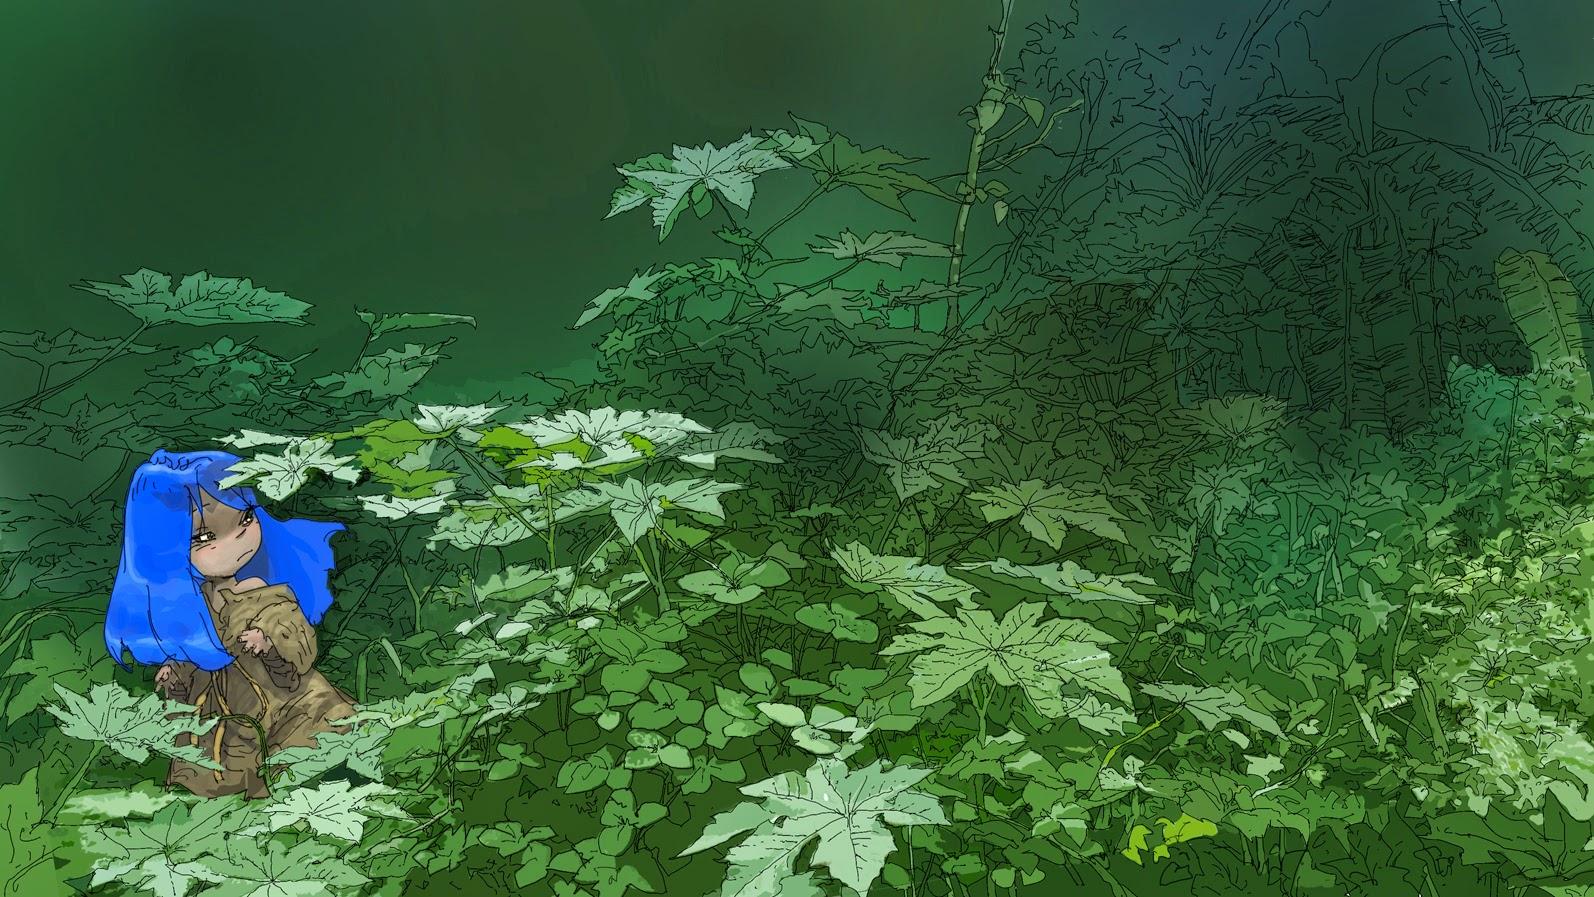 balbina en la foresta nueva